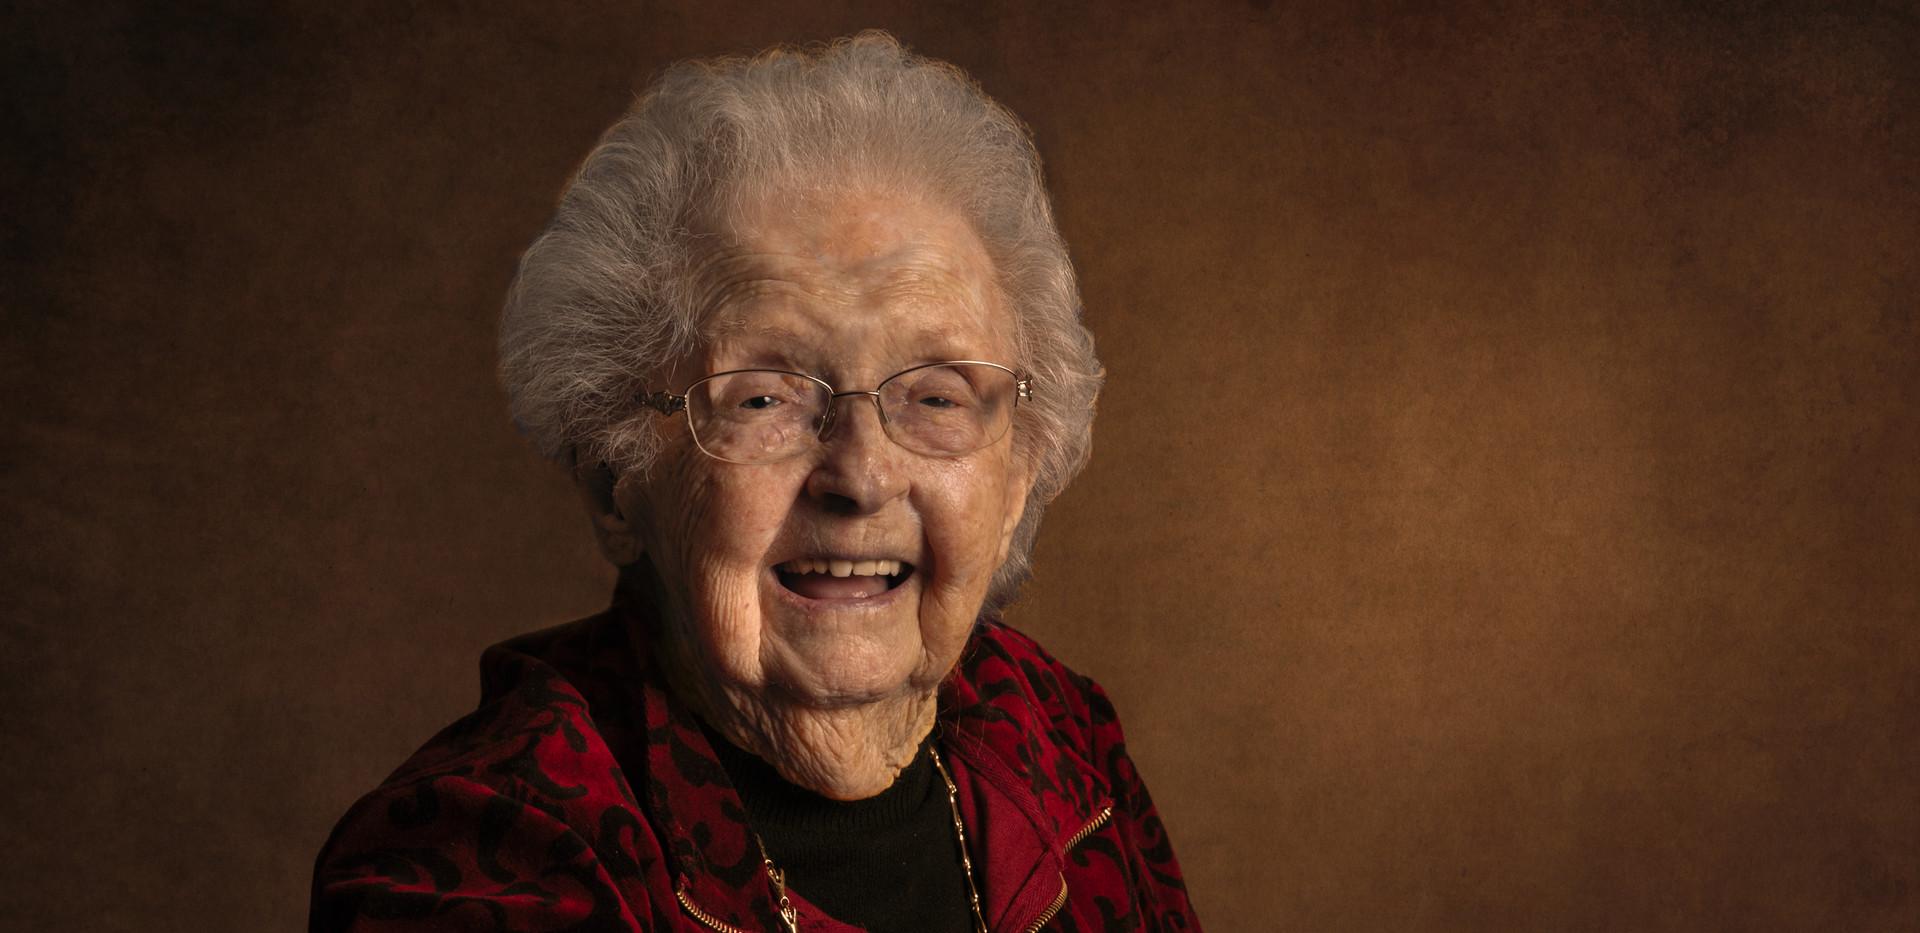 Centenarian_2_Grace_HR.jpg